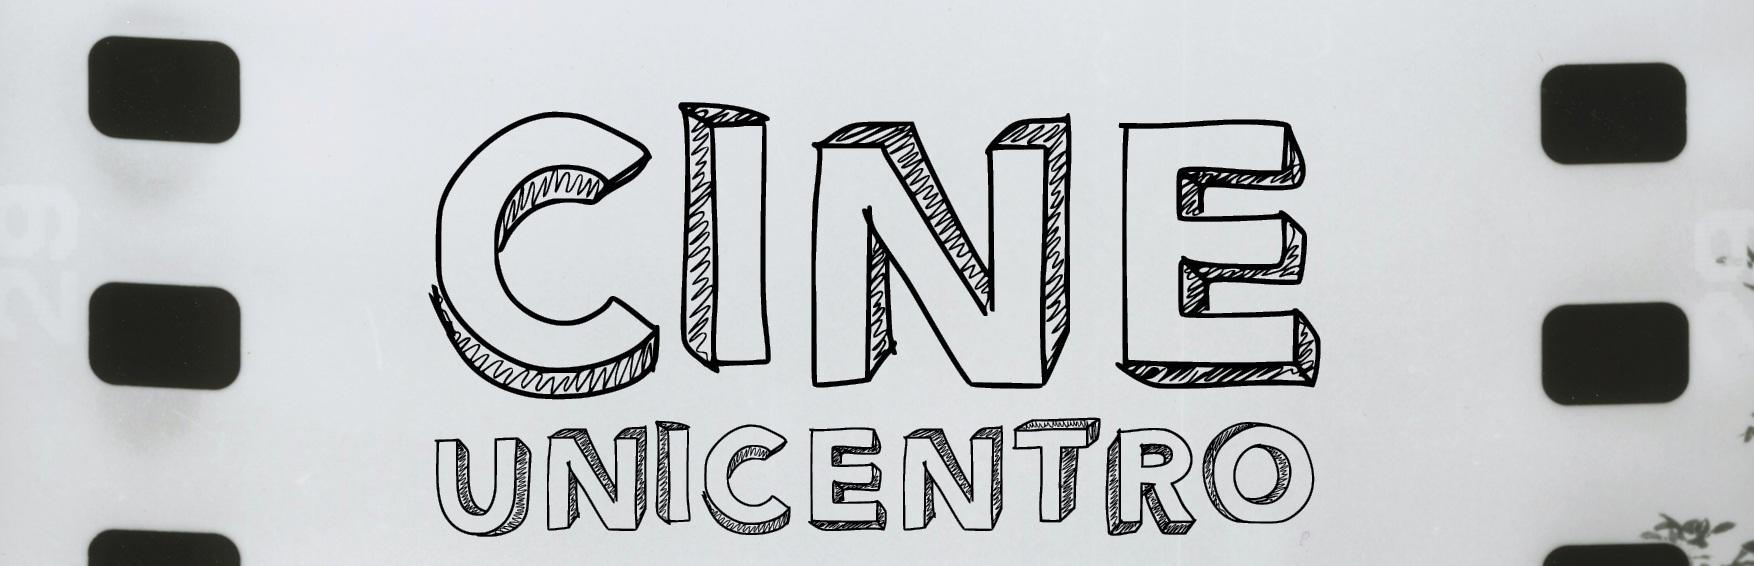 A Ficção Científica invade a telona do Cine Unicentro nesse mês de setembro